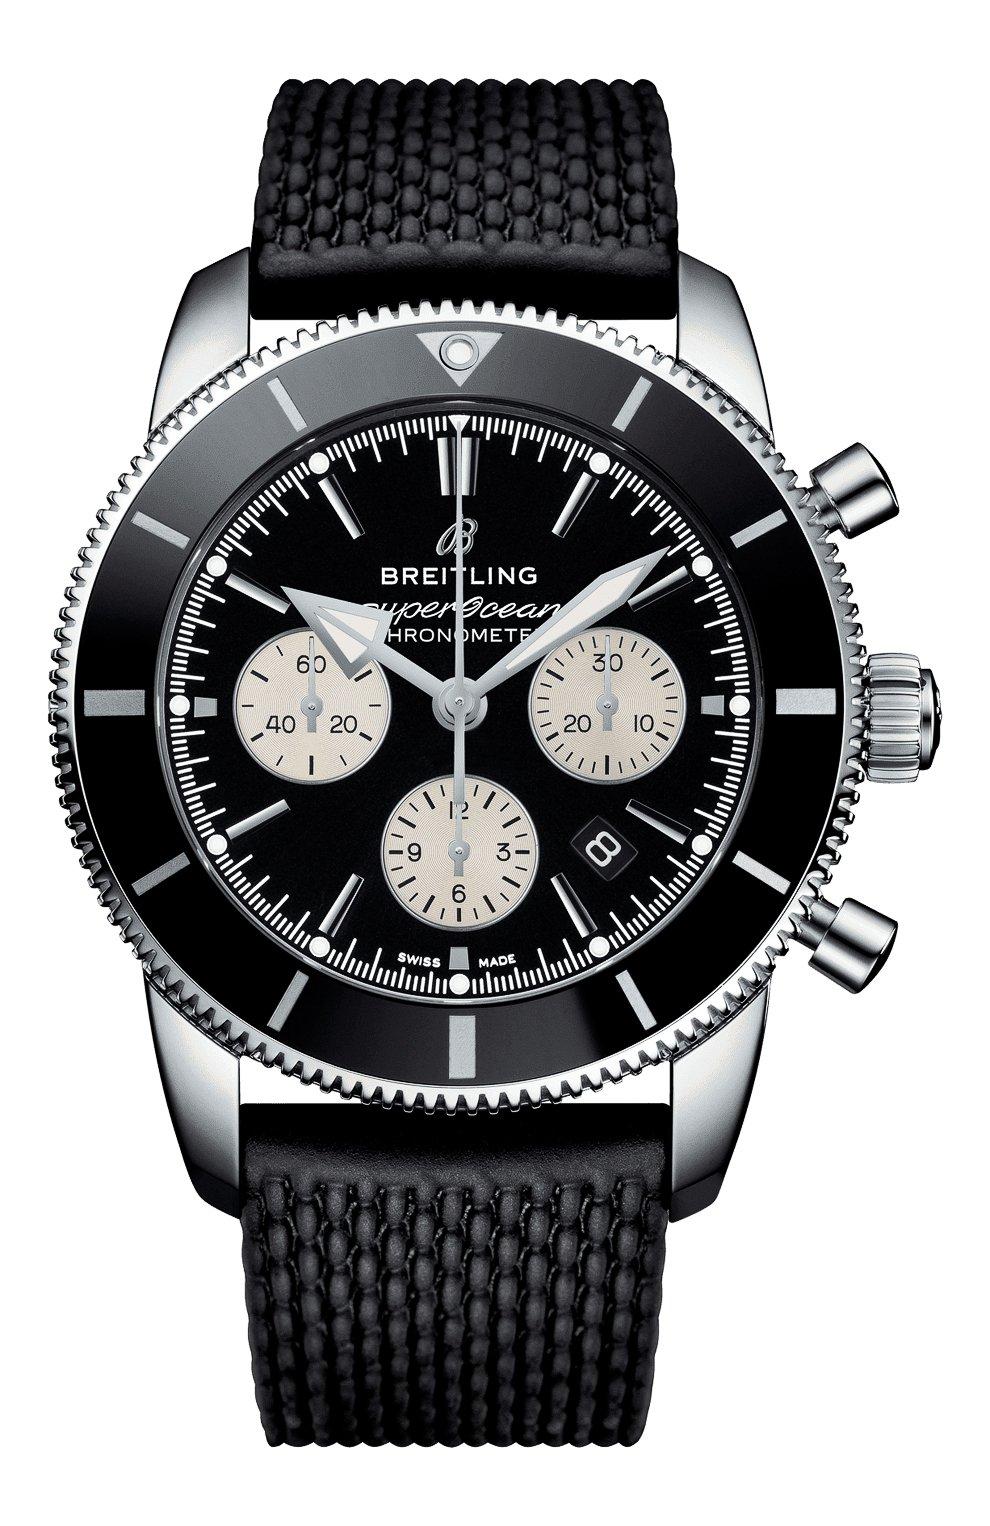 Мужские часы superocean heritage ii b01 chronograph BREITLING бесцветного цвета, арт. AB0162121B1S1 | Фото 1 (Механизм: Автомат; Материал корпуса: Сталь; Цвет циферблата: Чёрный)